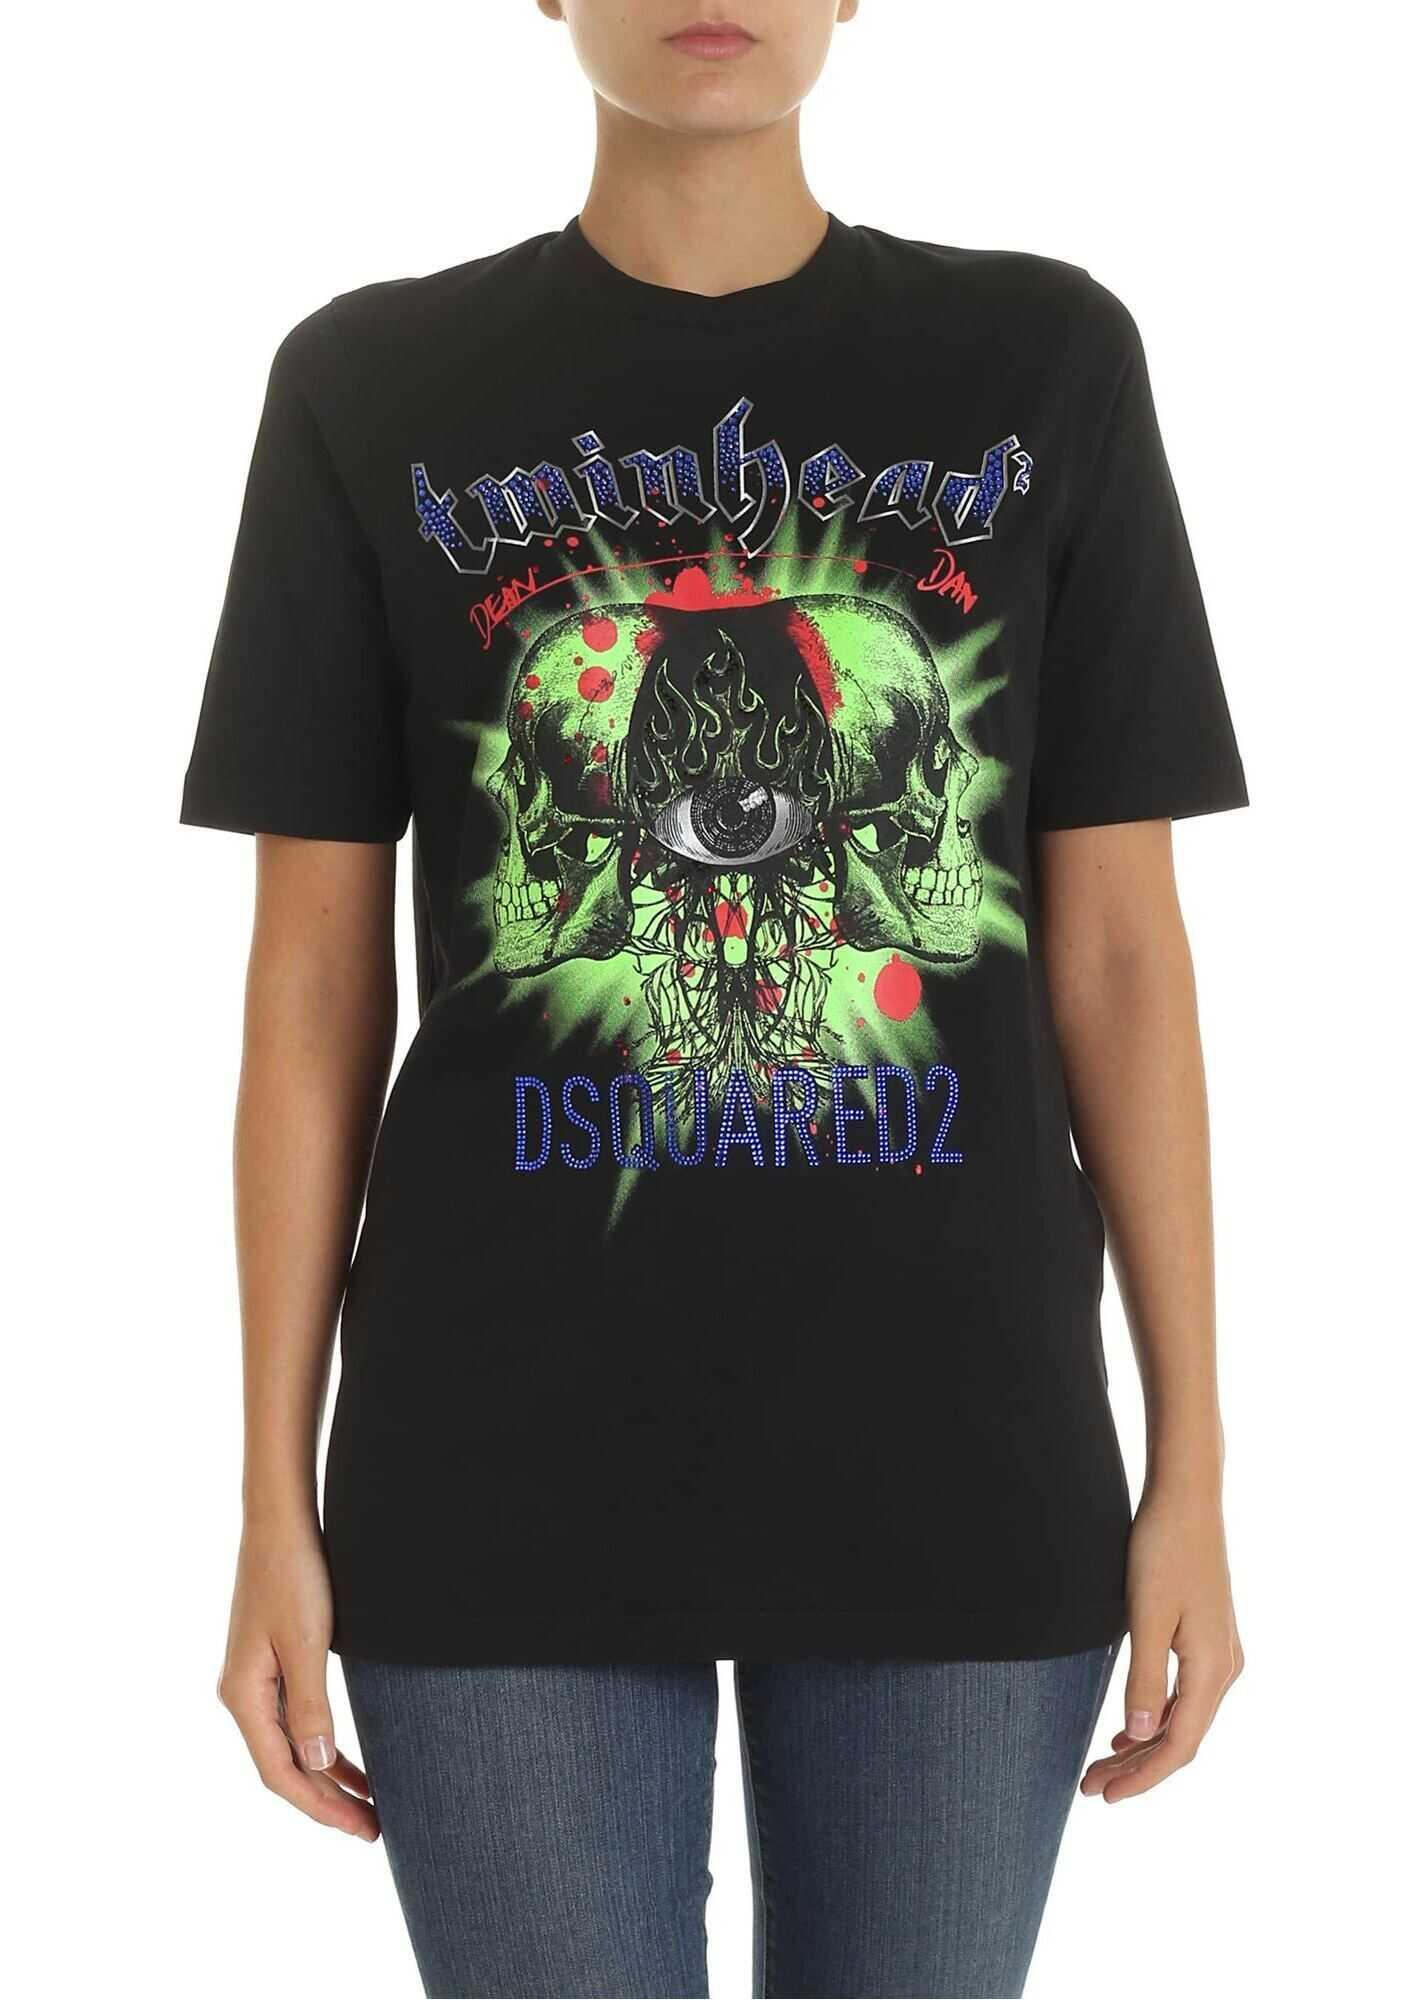 DSQUARED2 Twinhead T-Shirt In Black Black